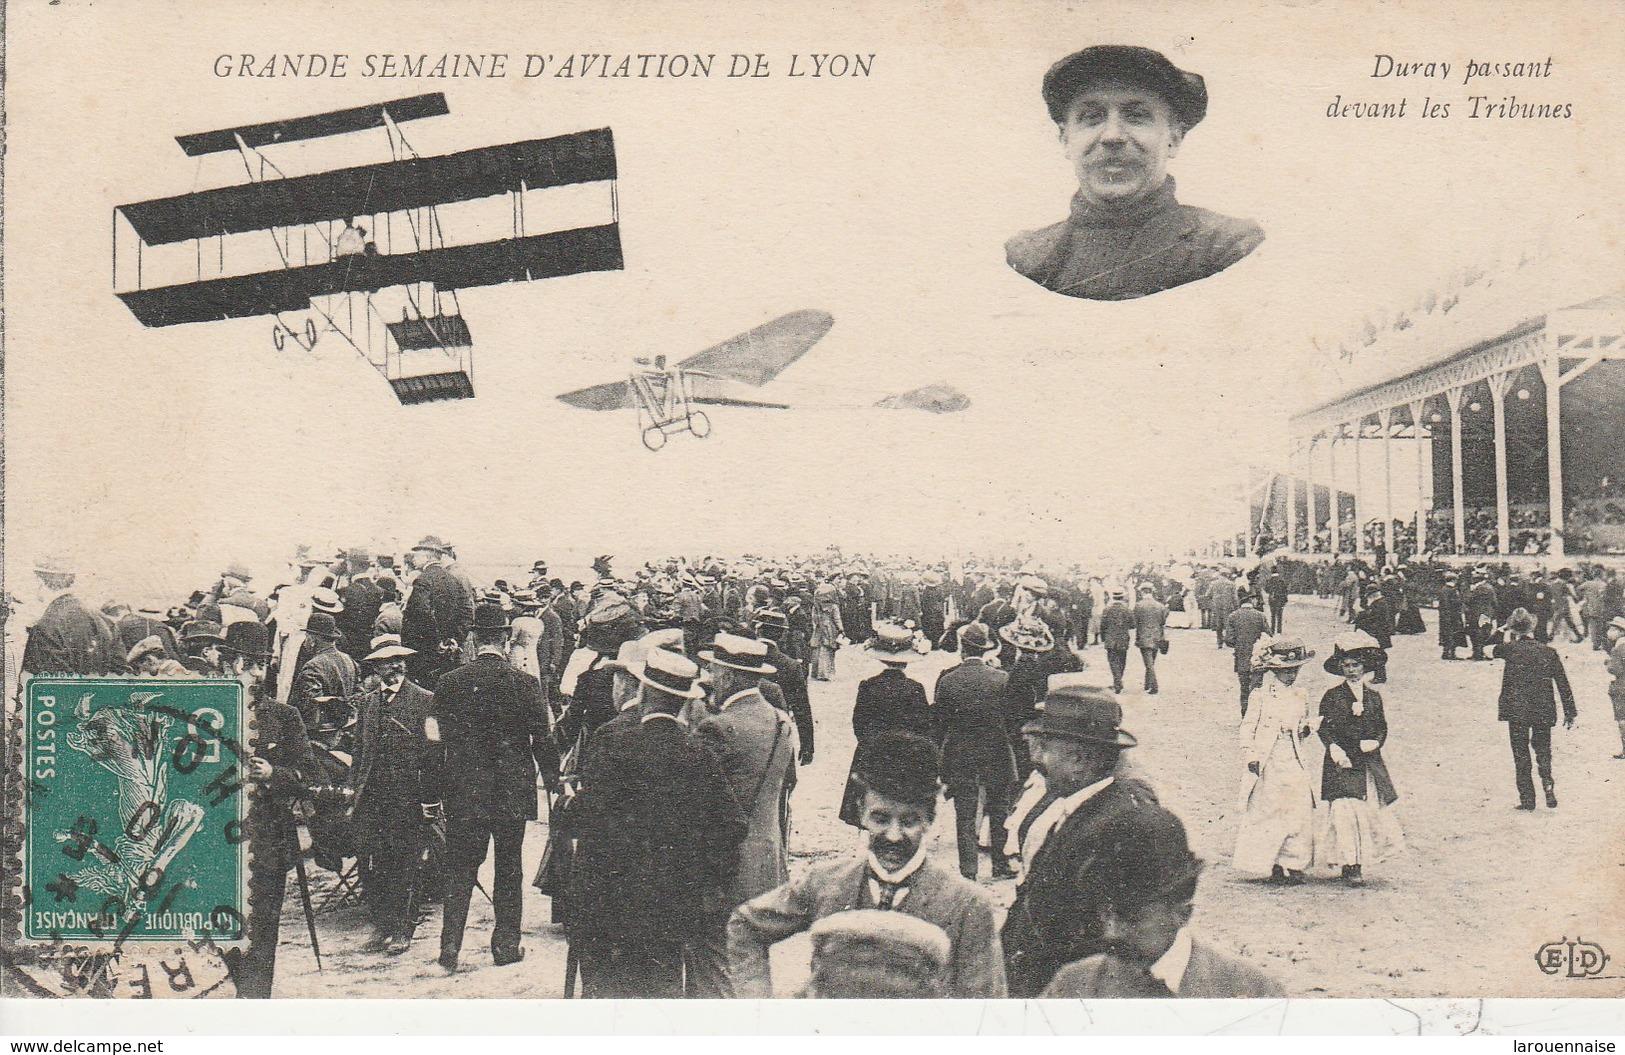 69 - LYON - Grande Semaine D' Aviation  De Lyon - Duray Passant Devant Les Tribunes - Autres